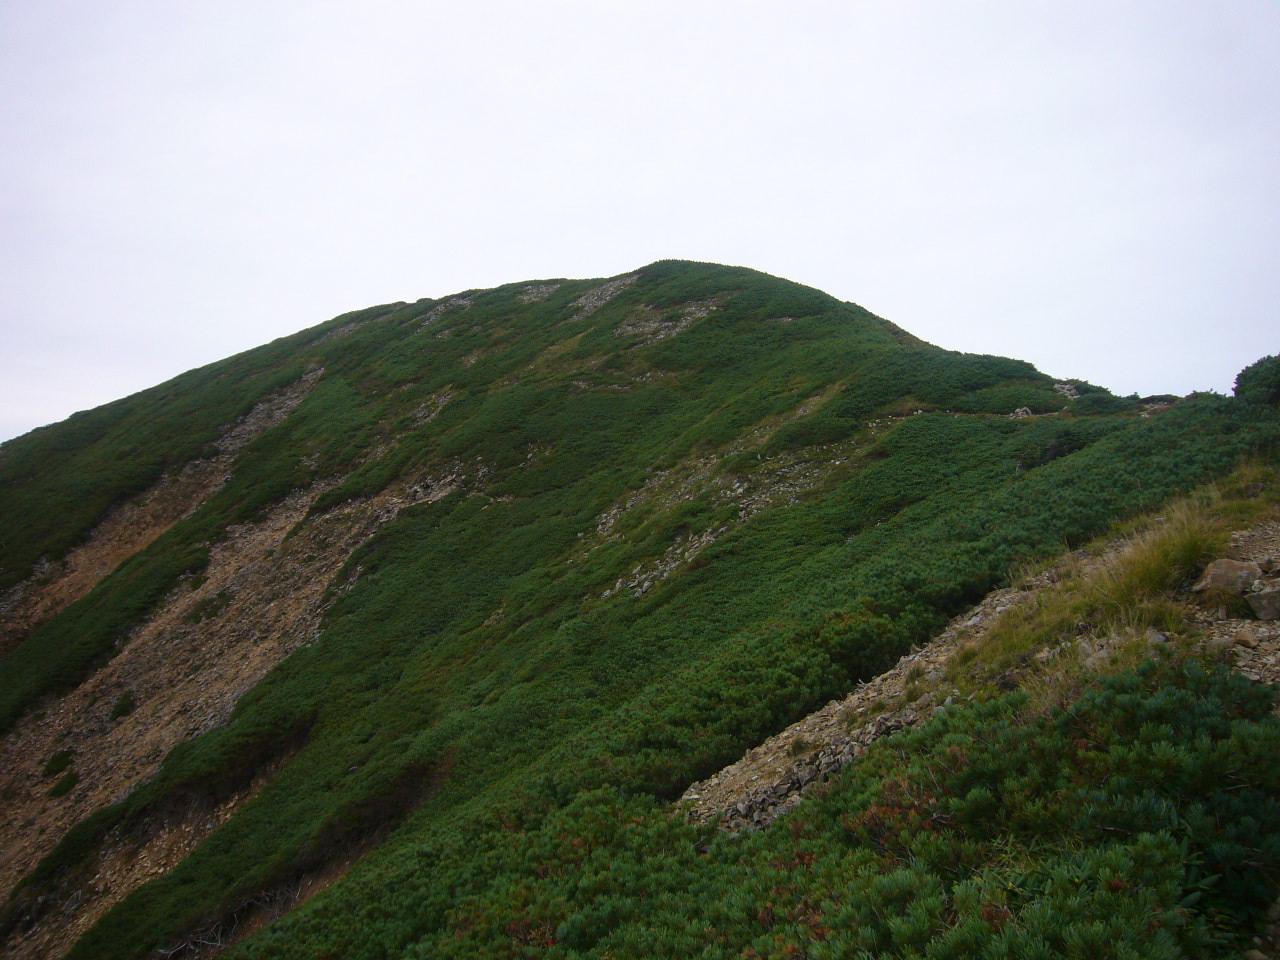 登山道崩落 H22.9.24撮影